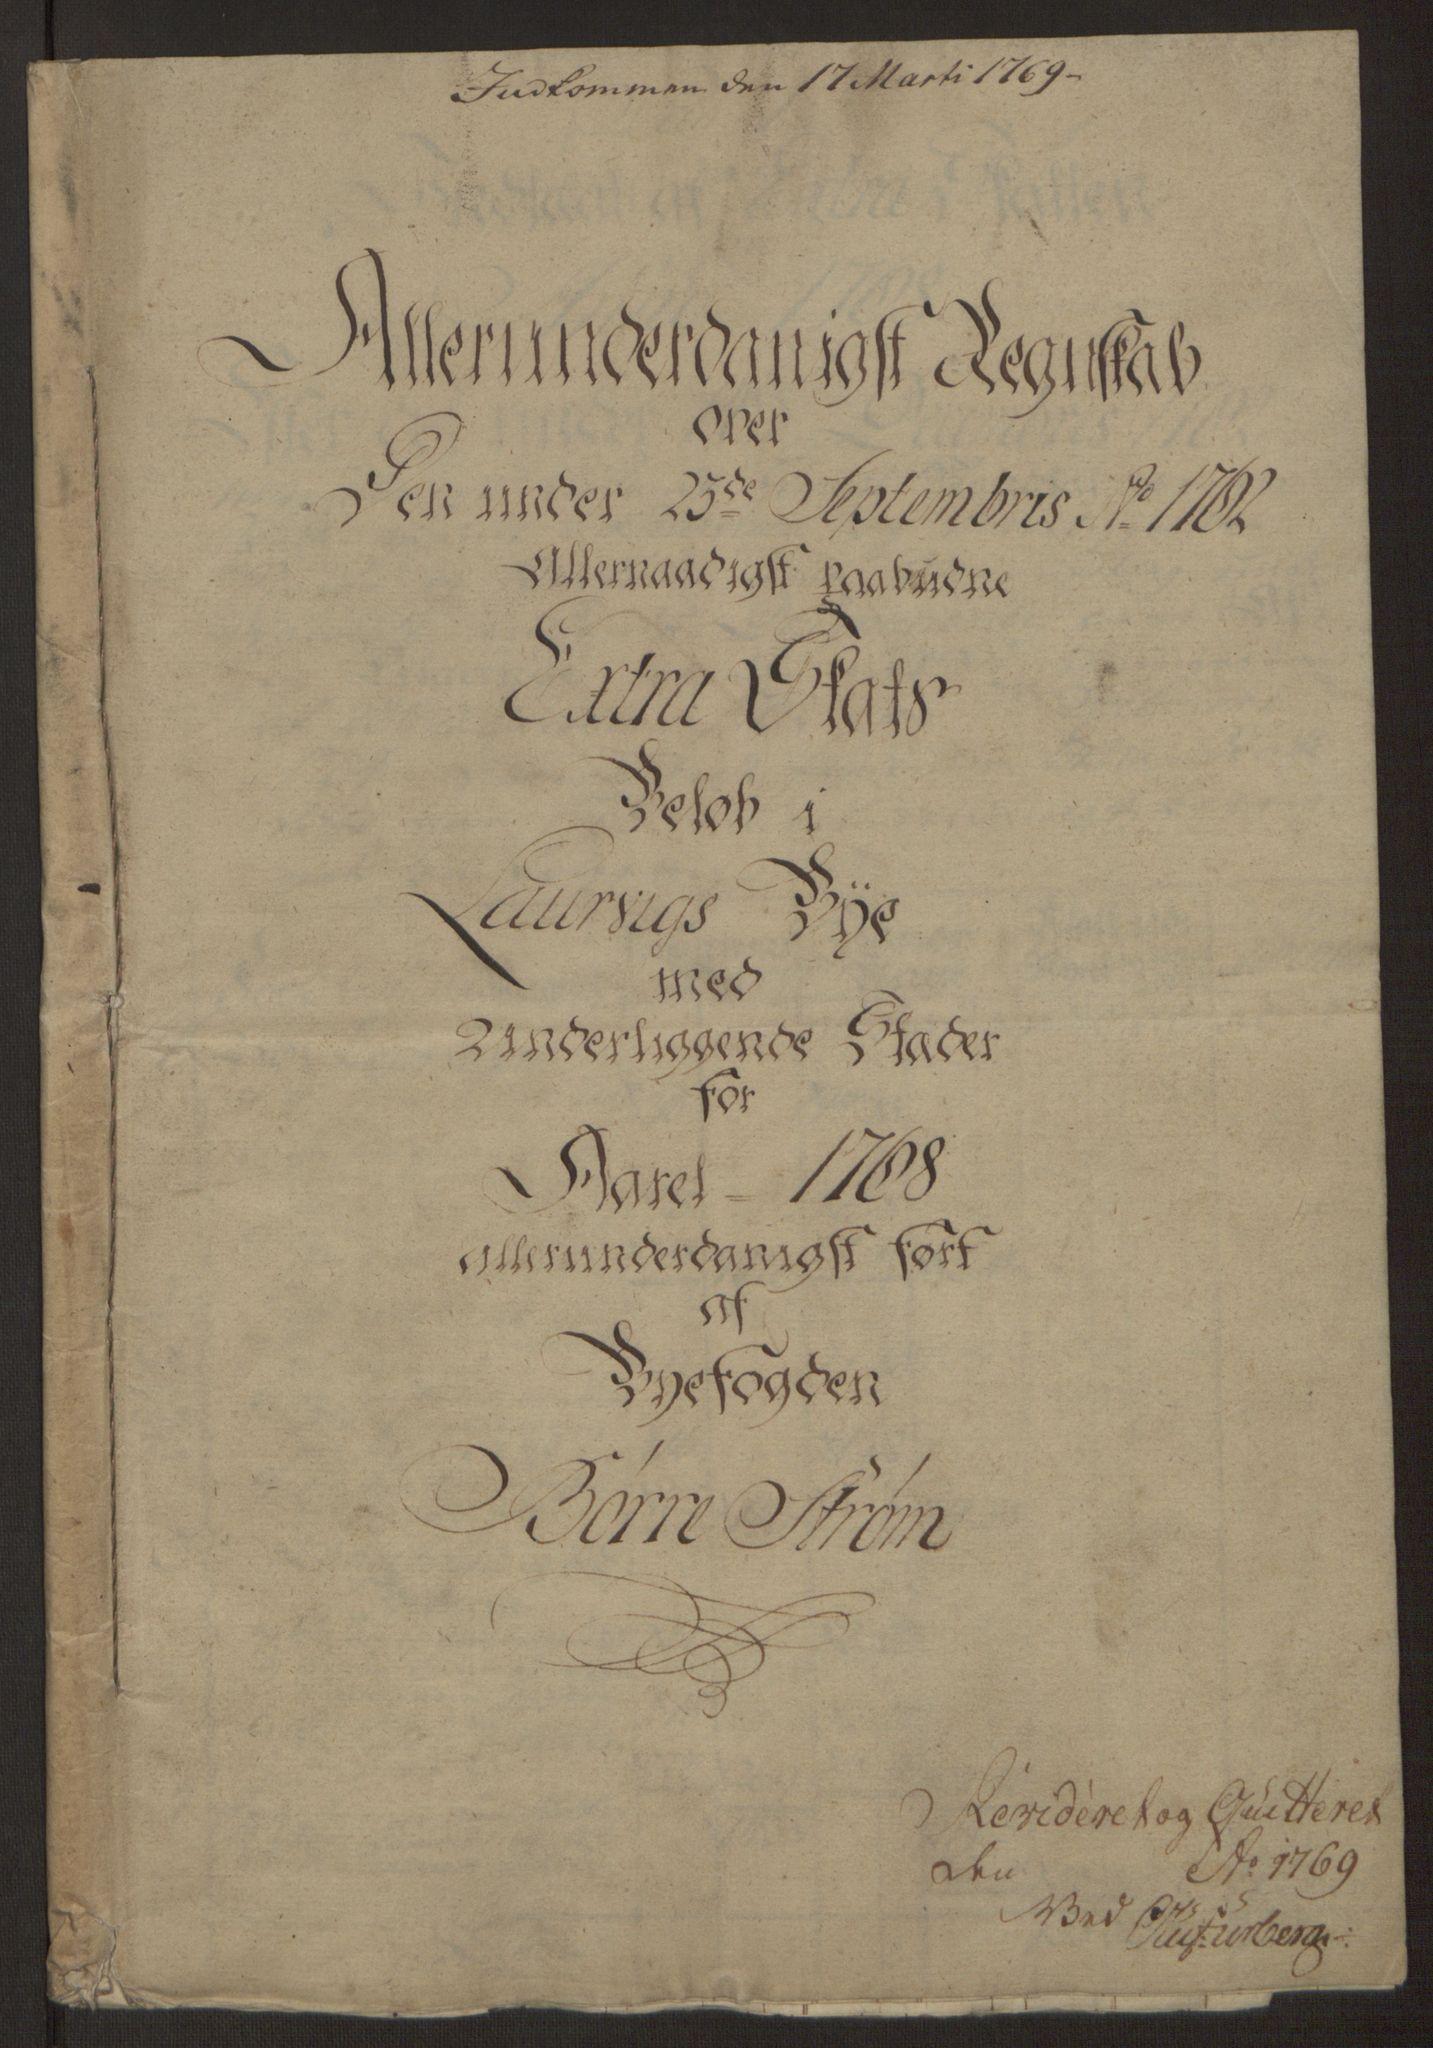 RA, Rentekammeret inntil 1814, Reviderte regnskaper, Byregnskaper, R/Ri/L0183: [I4] Kontribusjonsregnskap, 1762-1768, s. 444